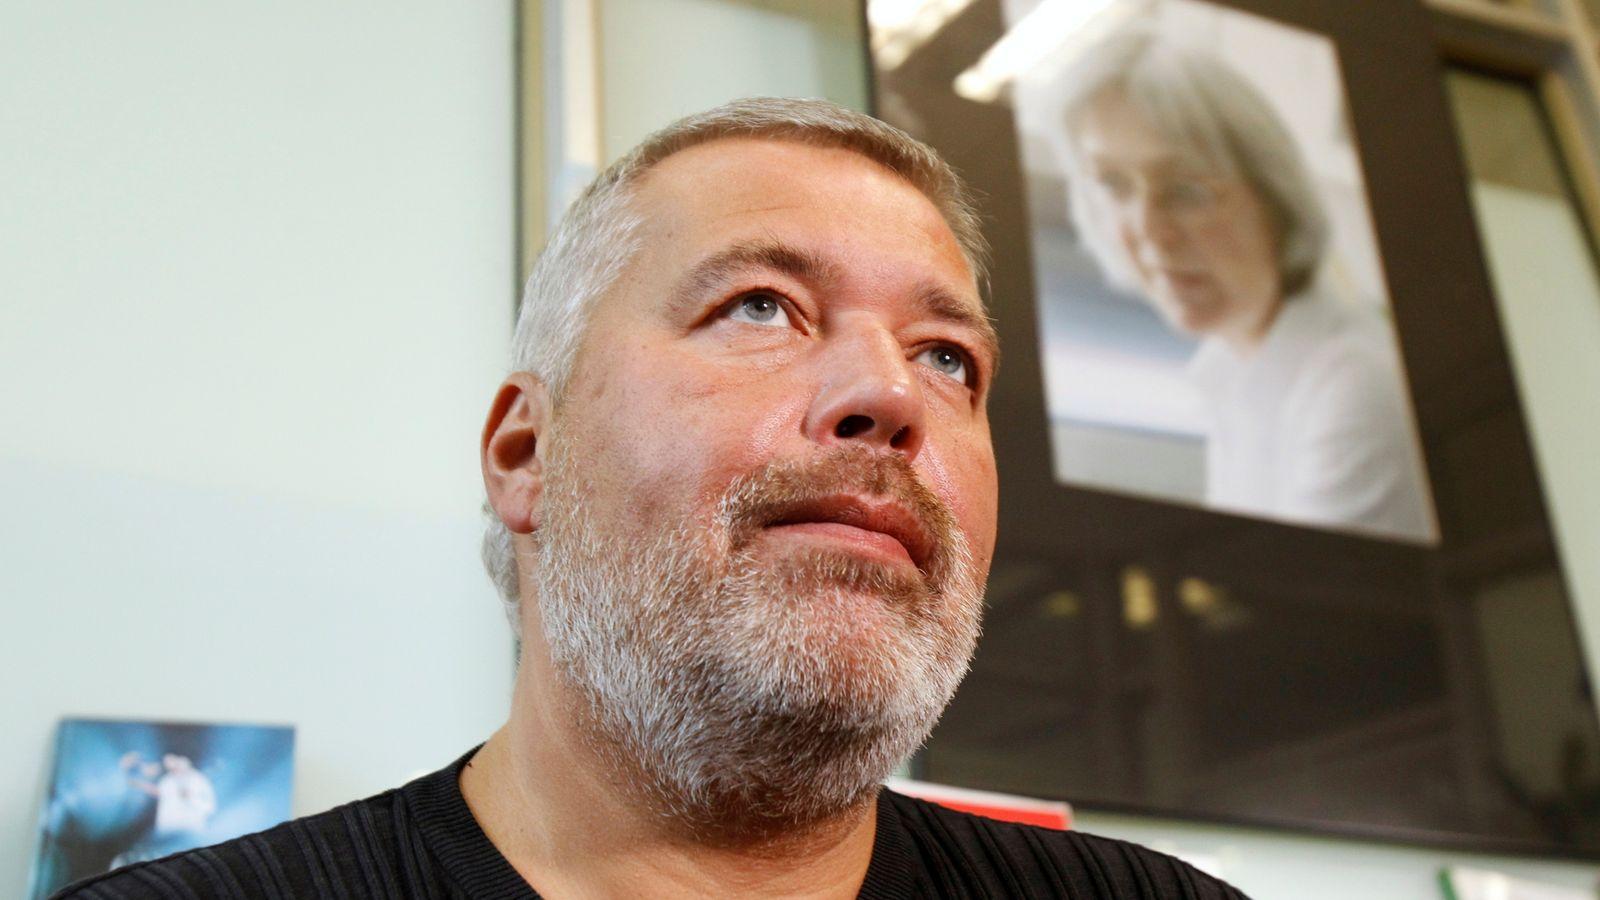 Novaya Gazeta's editor-in-chief Dmitry Muratov